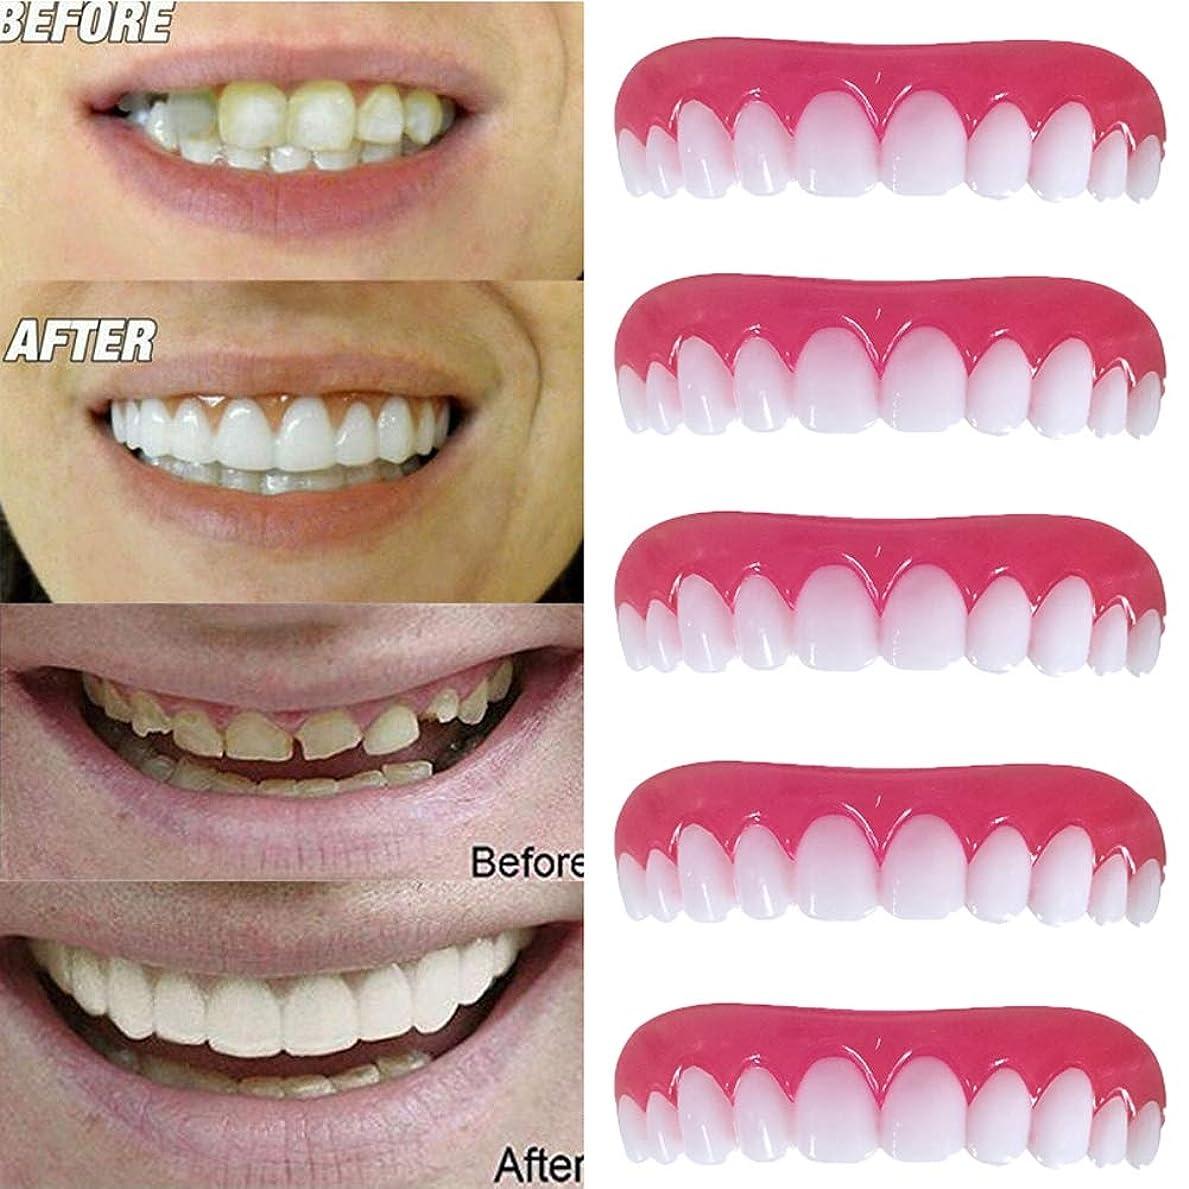 化学者換気する恐竜義歯化粧品歯、5個美容歯科ボタンアメージングスマイル快適な柔らかい歯科突き板歯科化粧品ステッカー